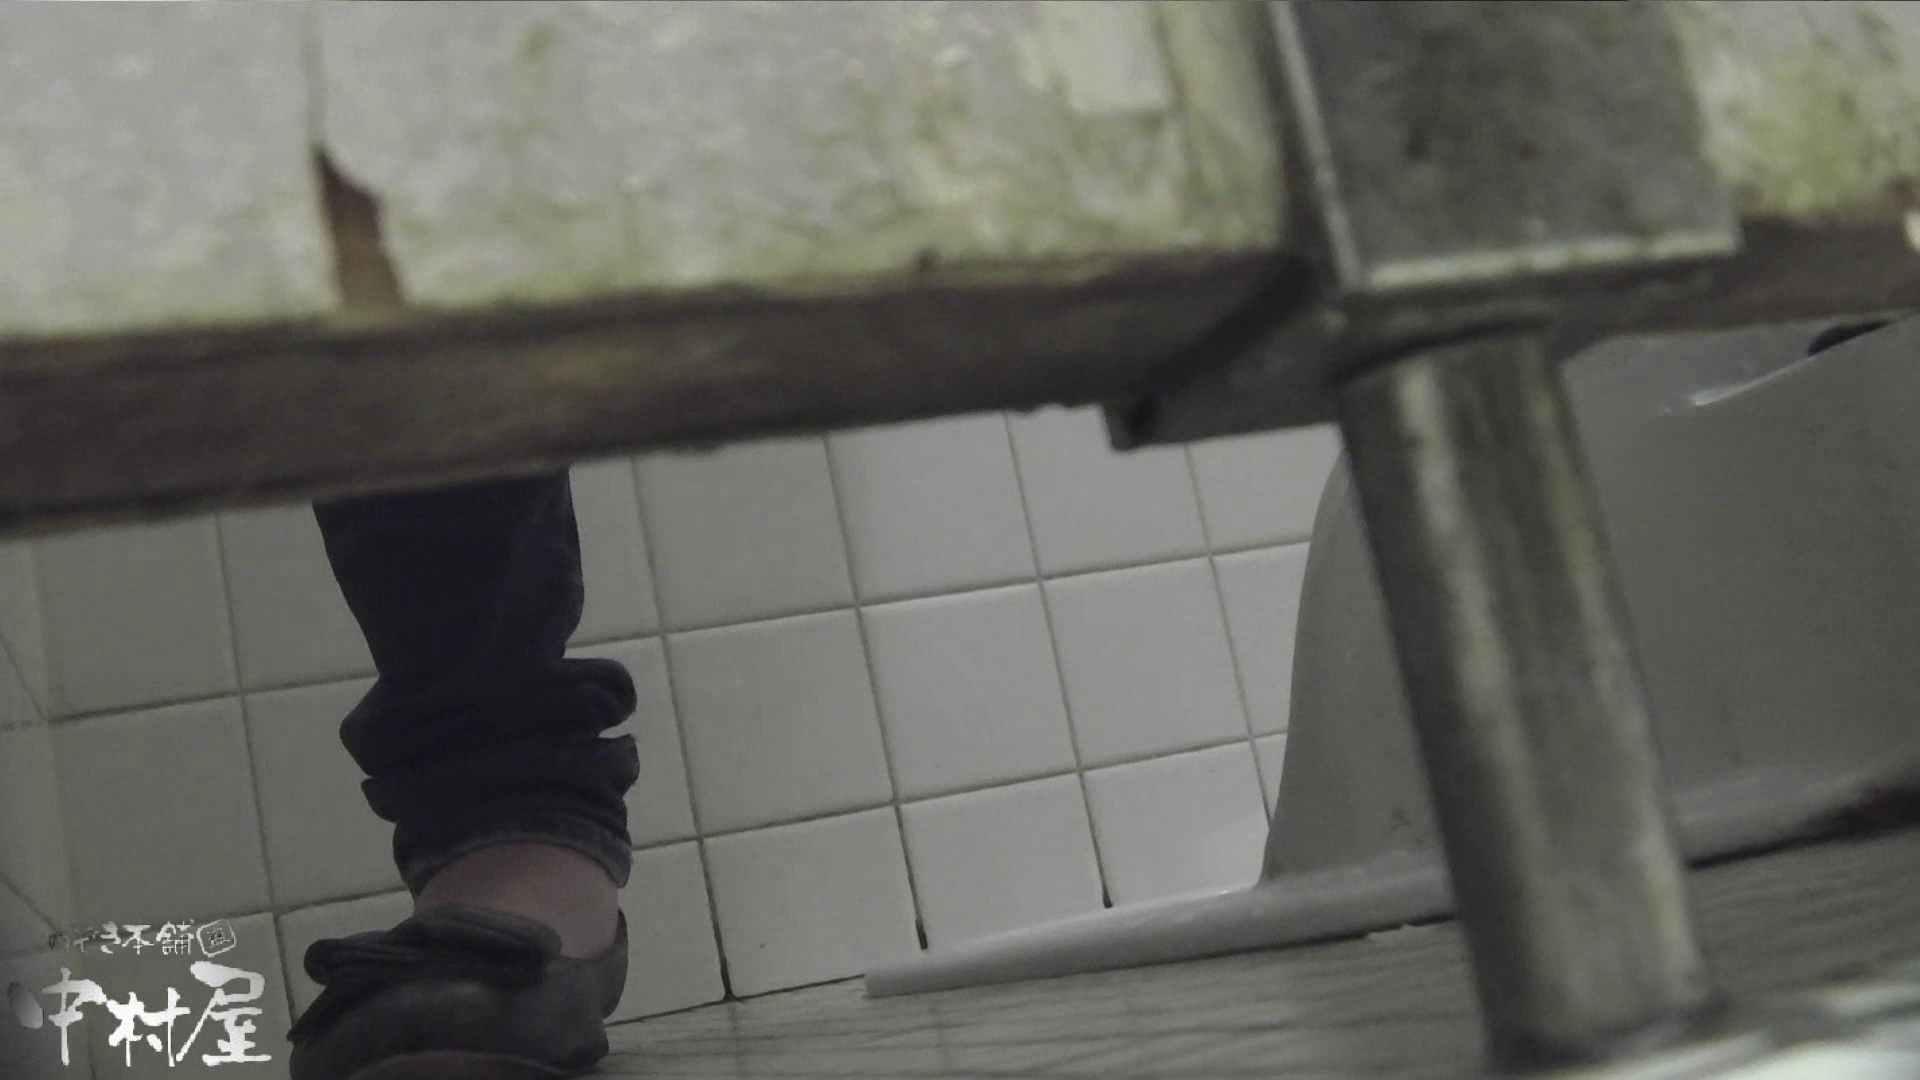 vol.14 命がけ潜伏洗面所! 色白ネーチャンヒクヒク! プライベート 盗撮アダルト動画キャプチャ 62画像 11